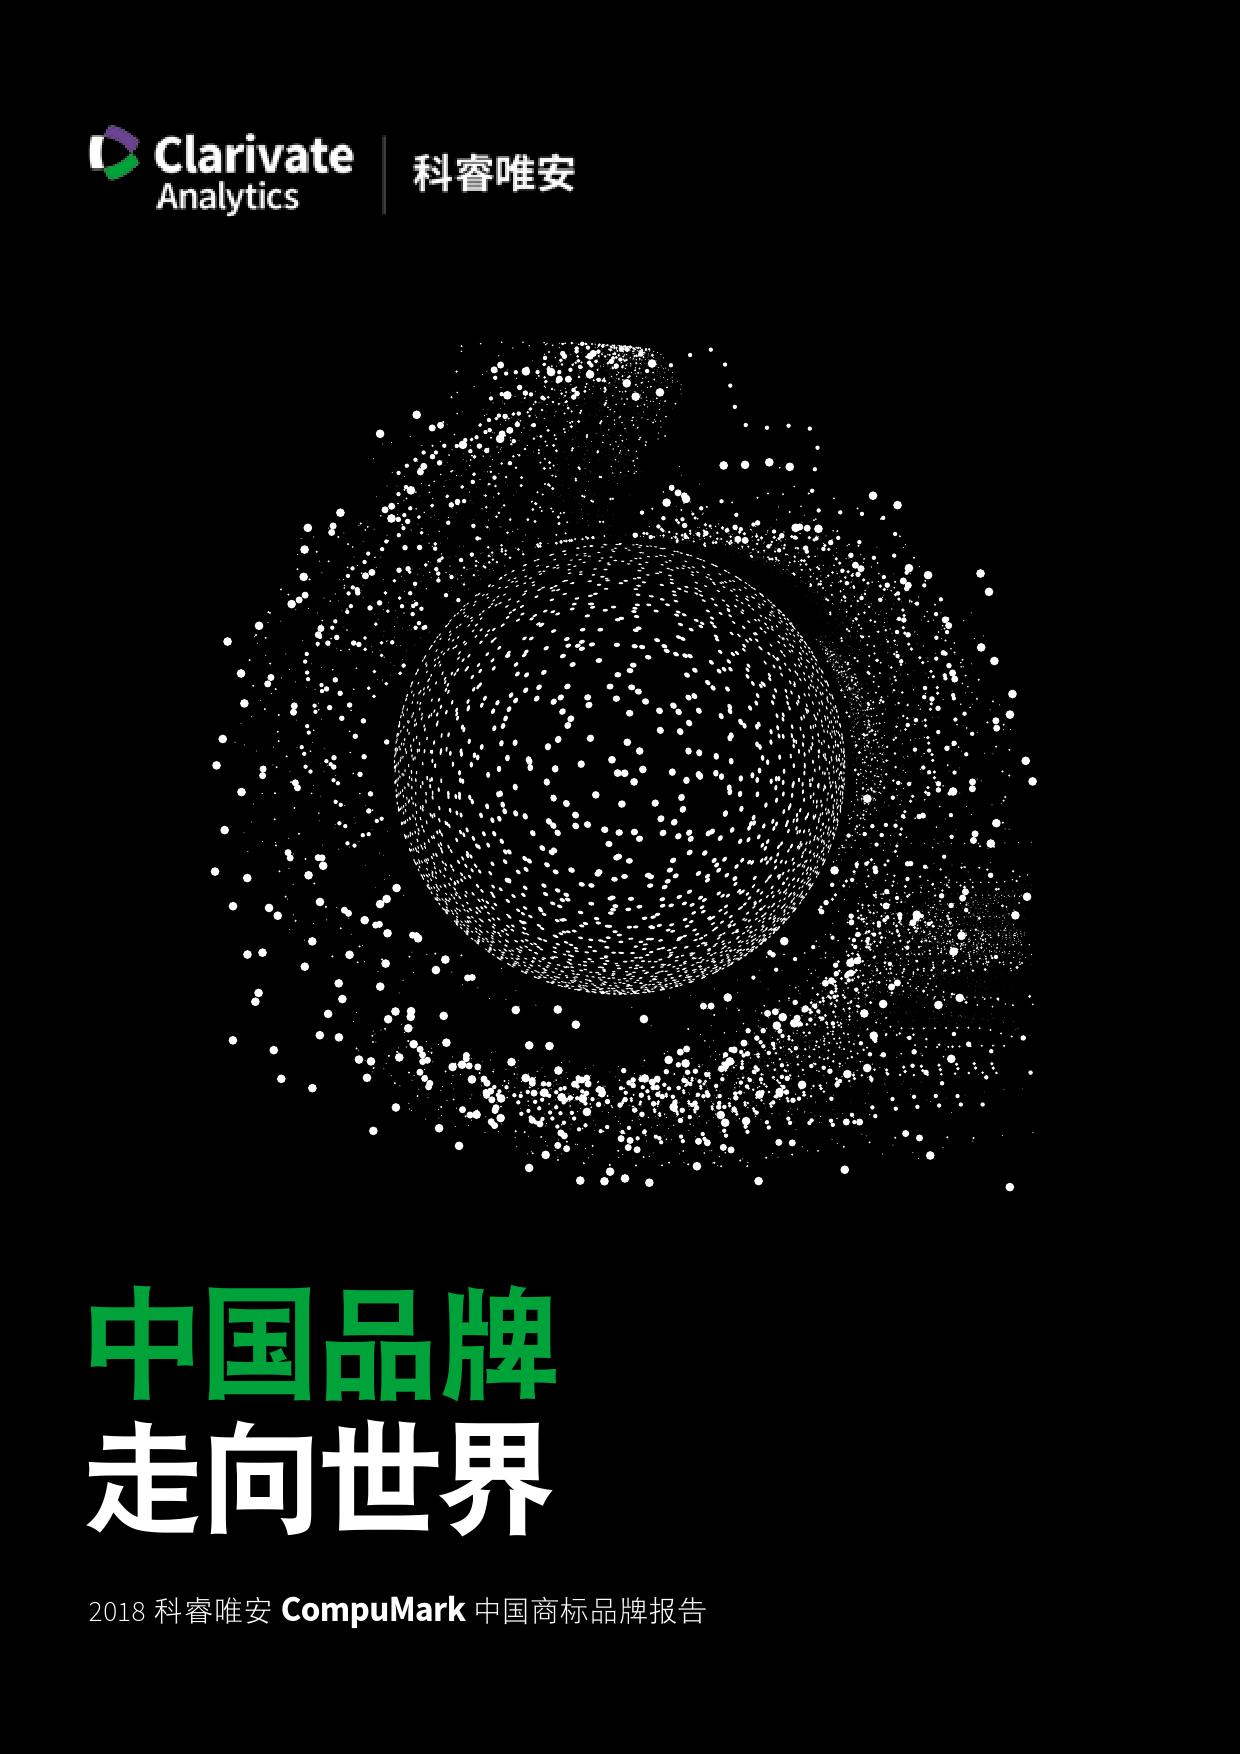 科睿唯安:中国品牌走向世界